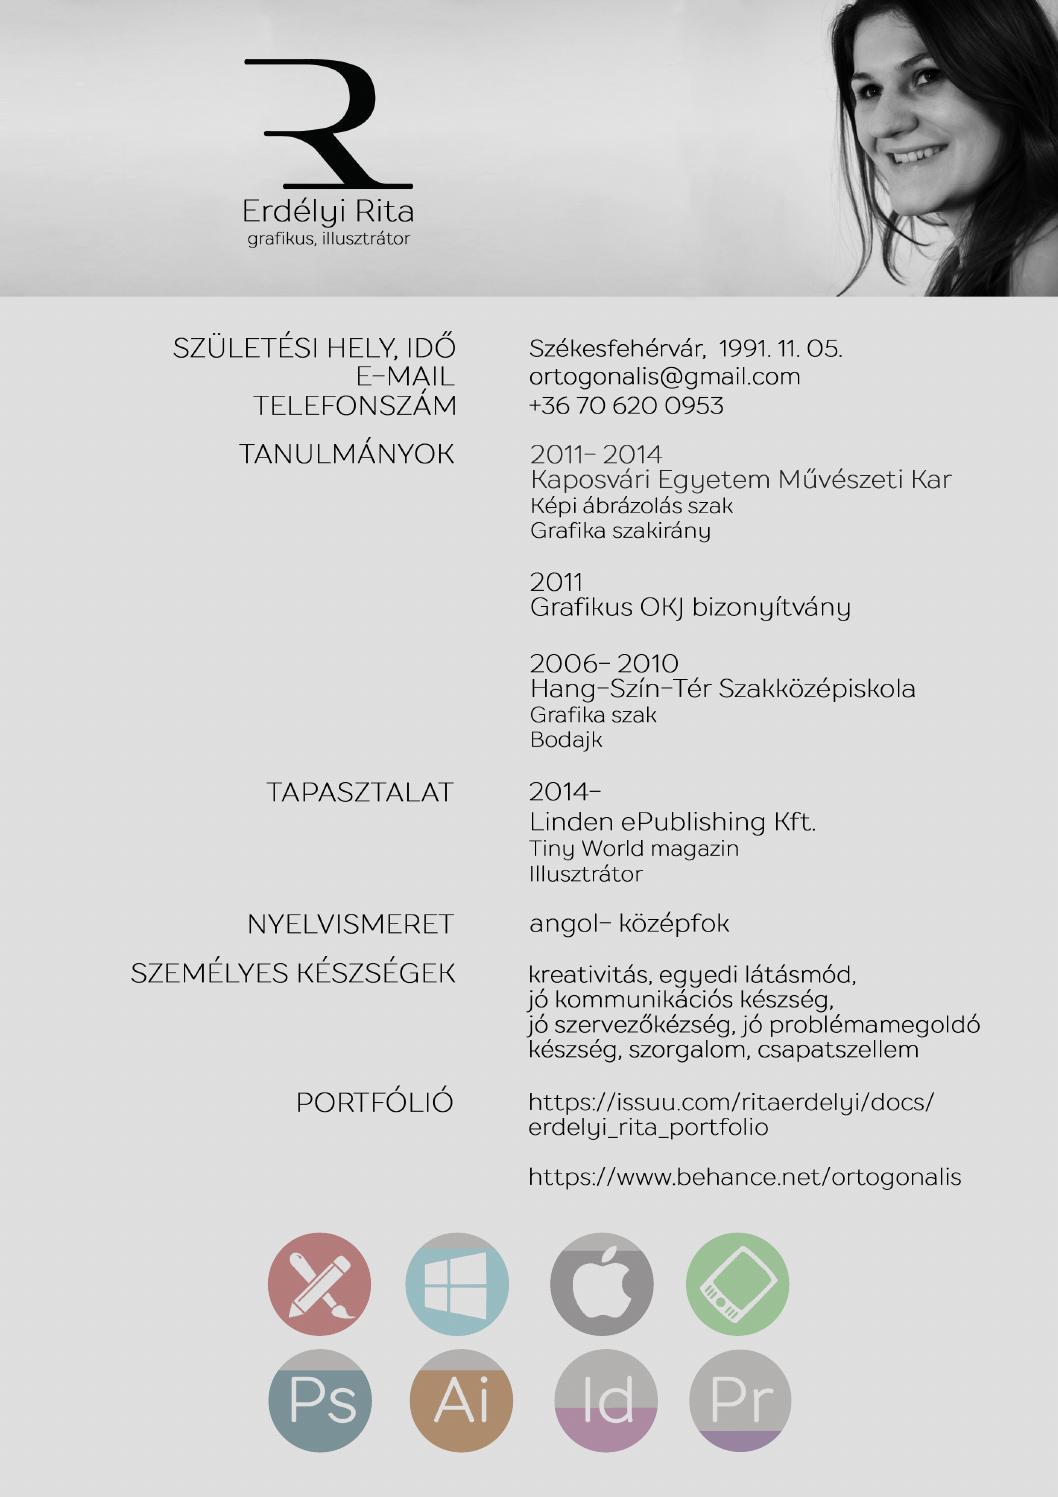 önéletrajz csapatszellem Erdelyi Rita önéletrajz/ CV by Rita Erdélyi   issuu önéletrajz csapatszellem